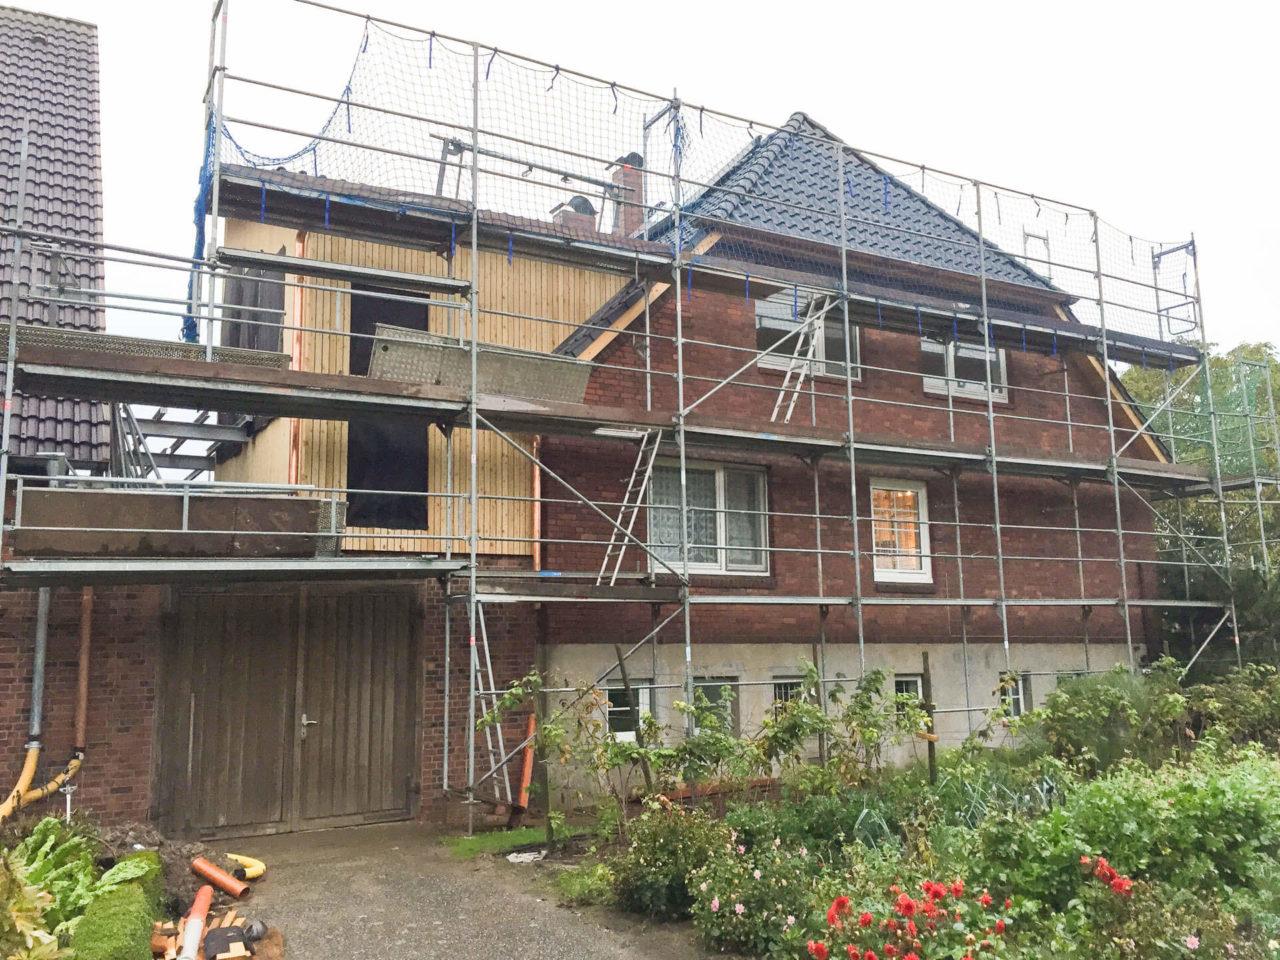 Foto Pablo Baugestaltung zeigt das Haus Hamburg Francop mit Baugerüst